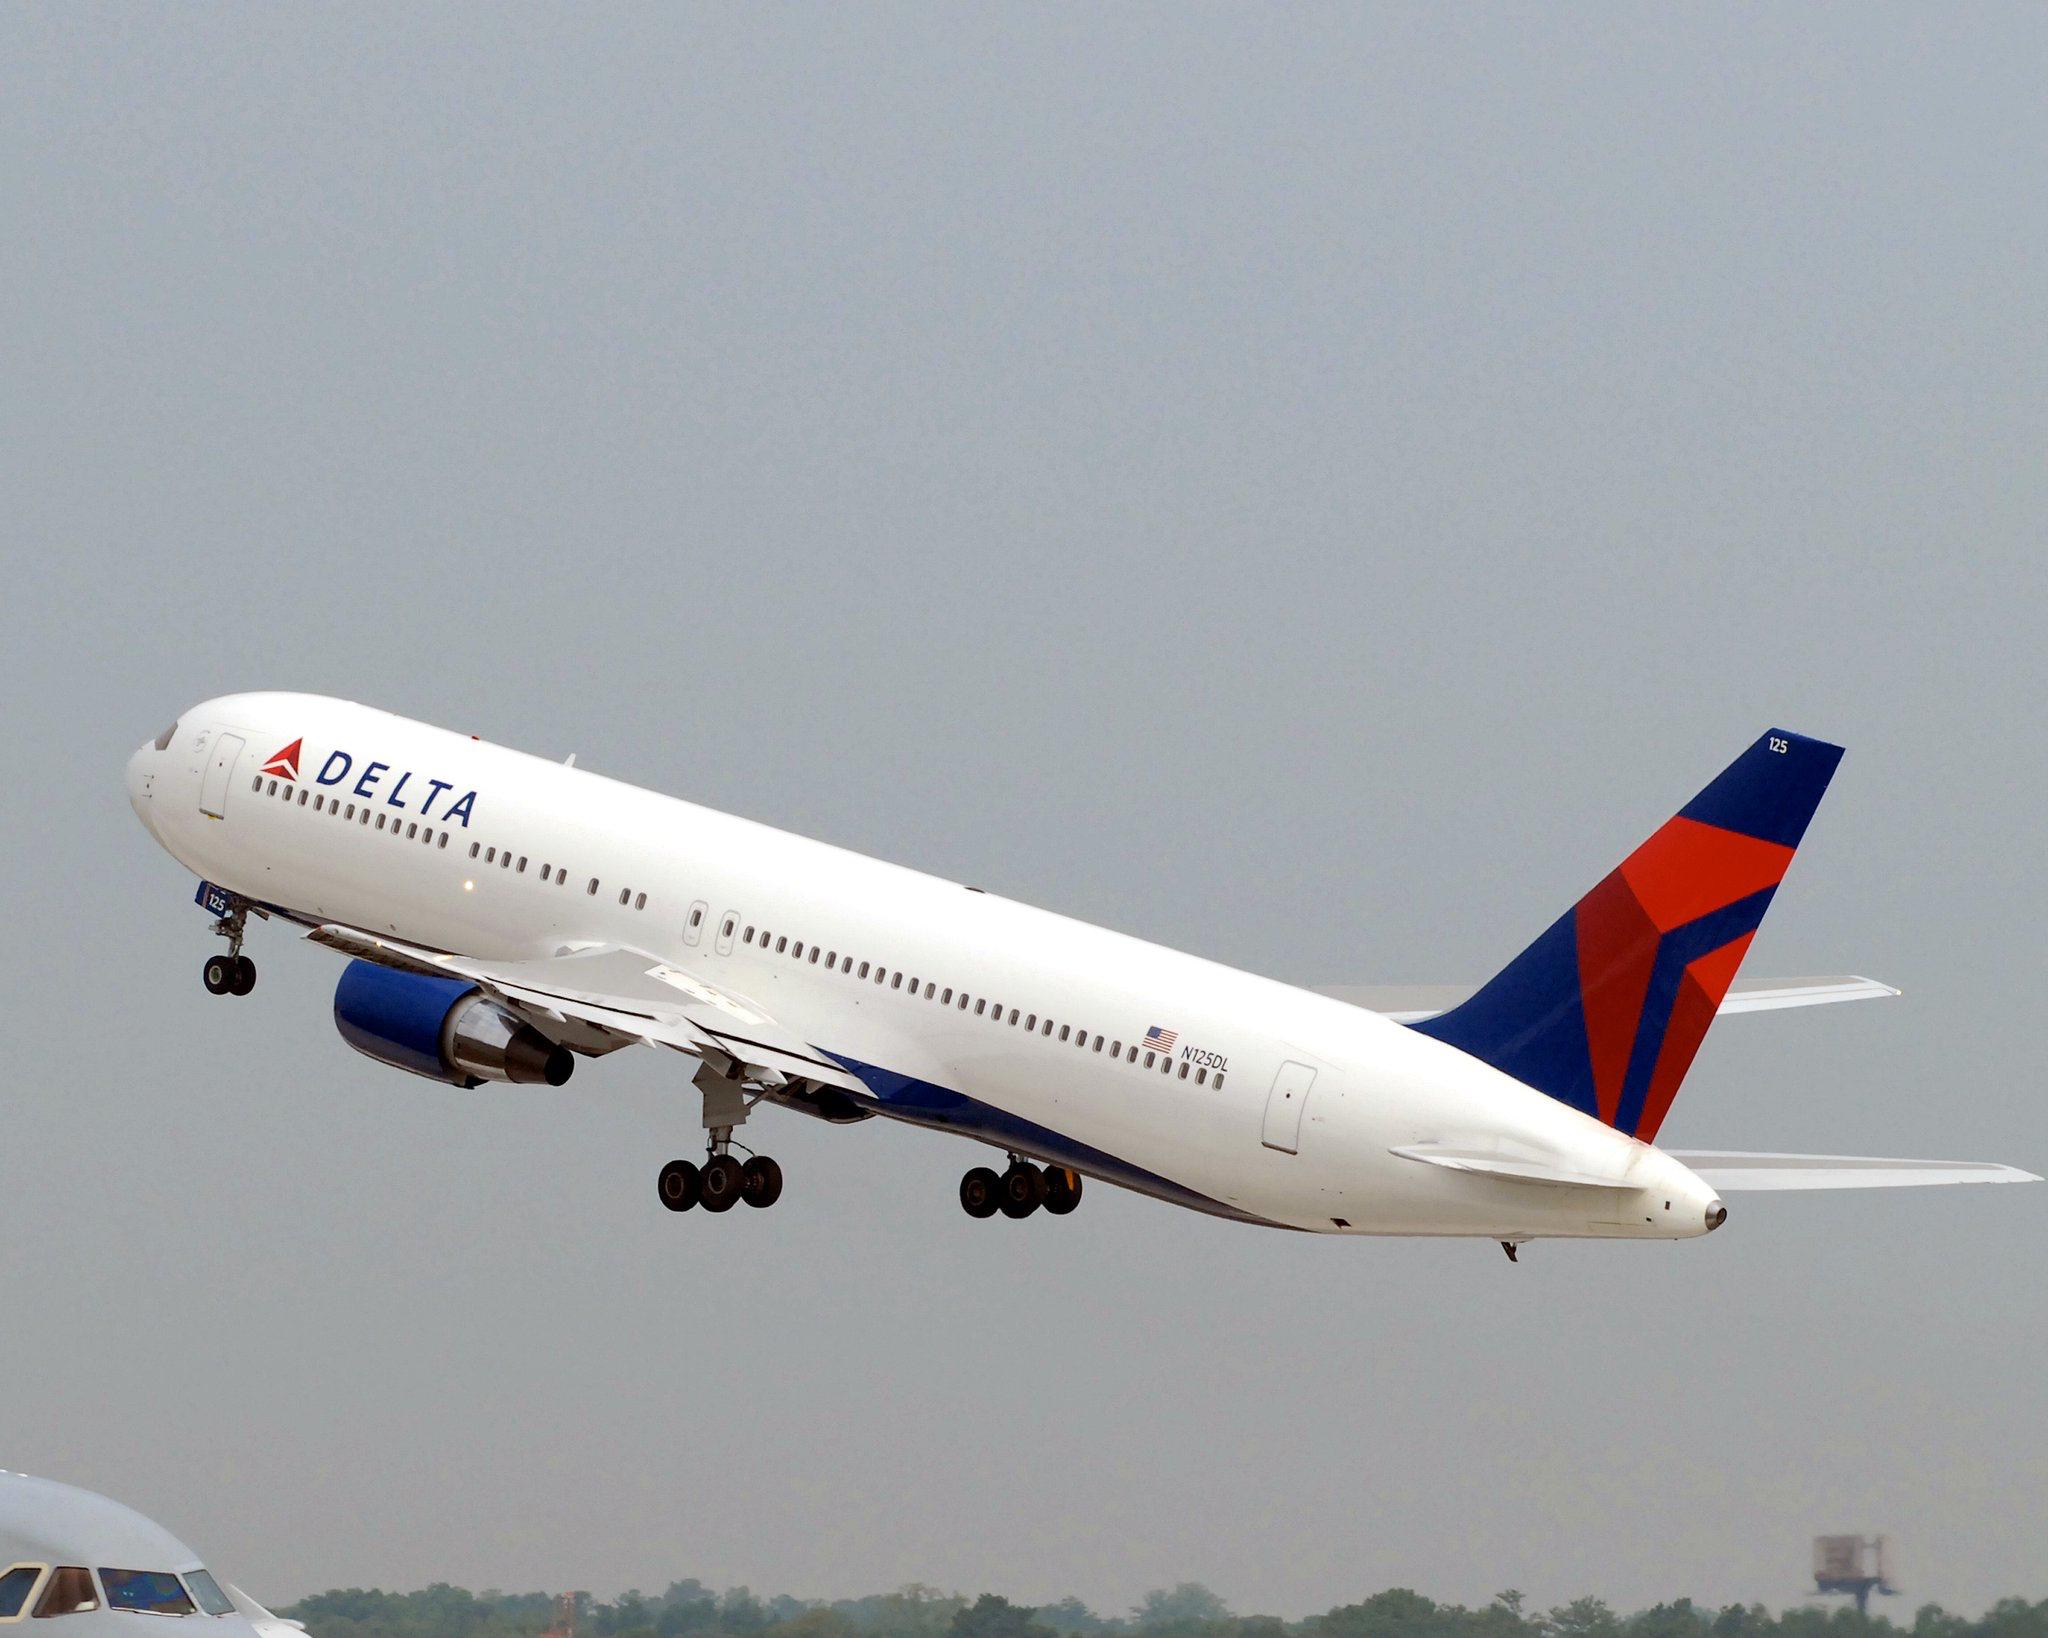 Pin on Passenger aircraft